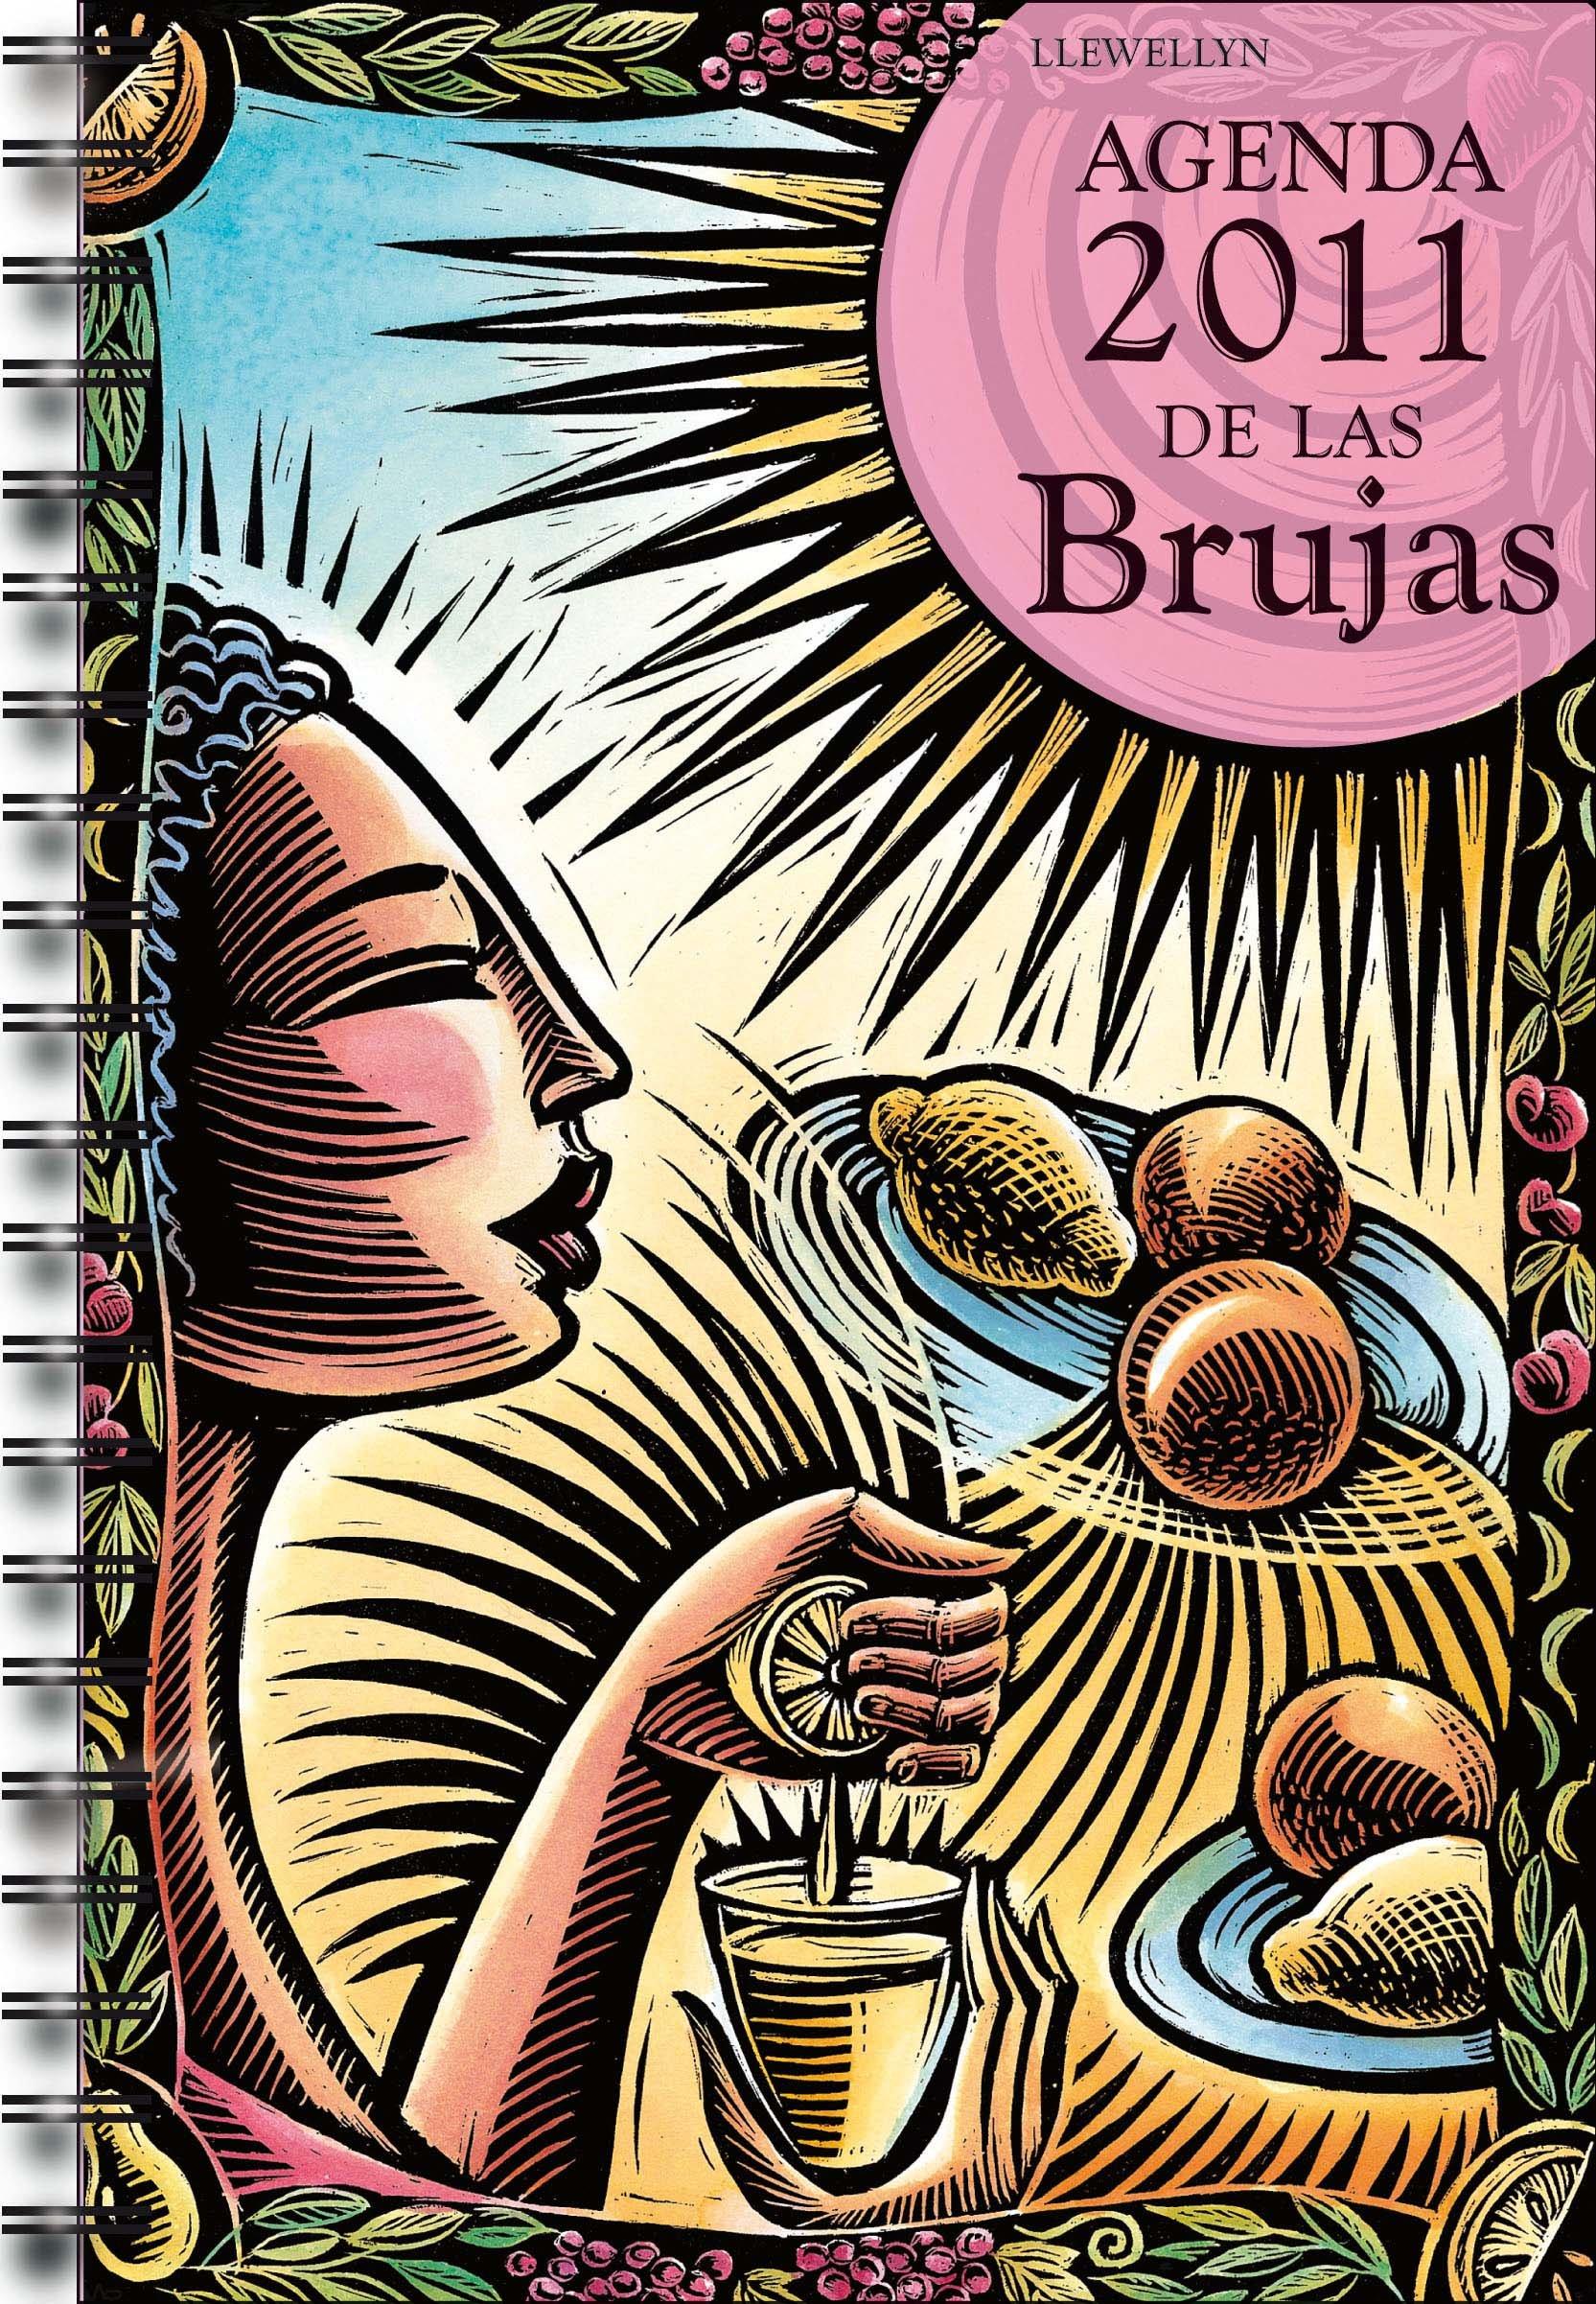 AGENDA 2011 DE LAS BRUJAS (AGENDAS): Amazon.es: ED ...